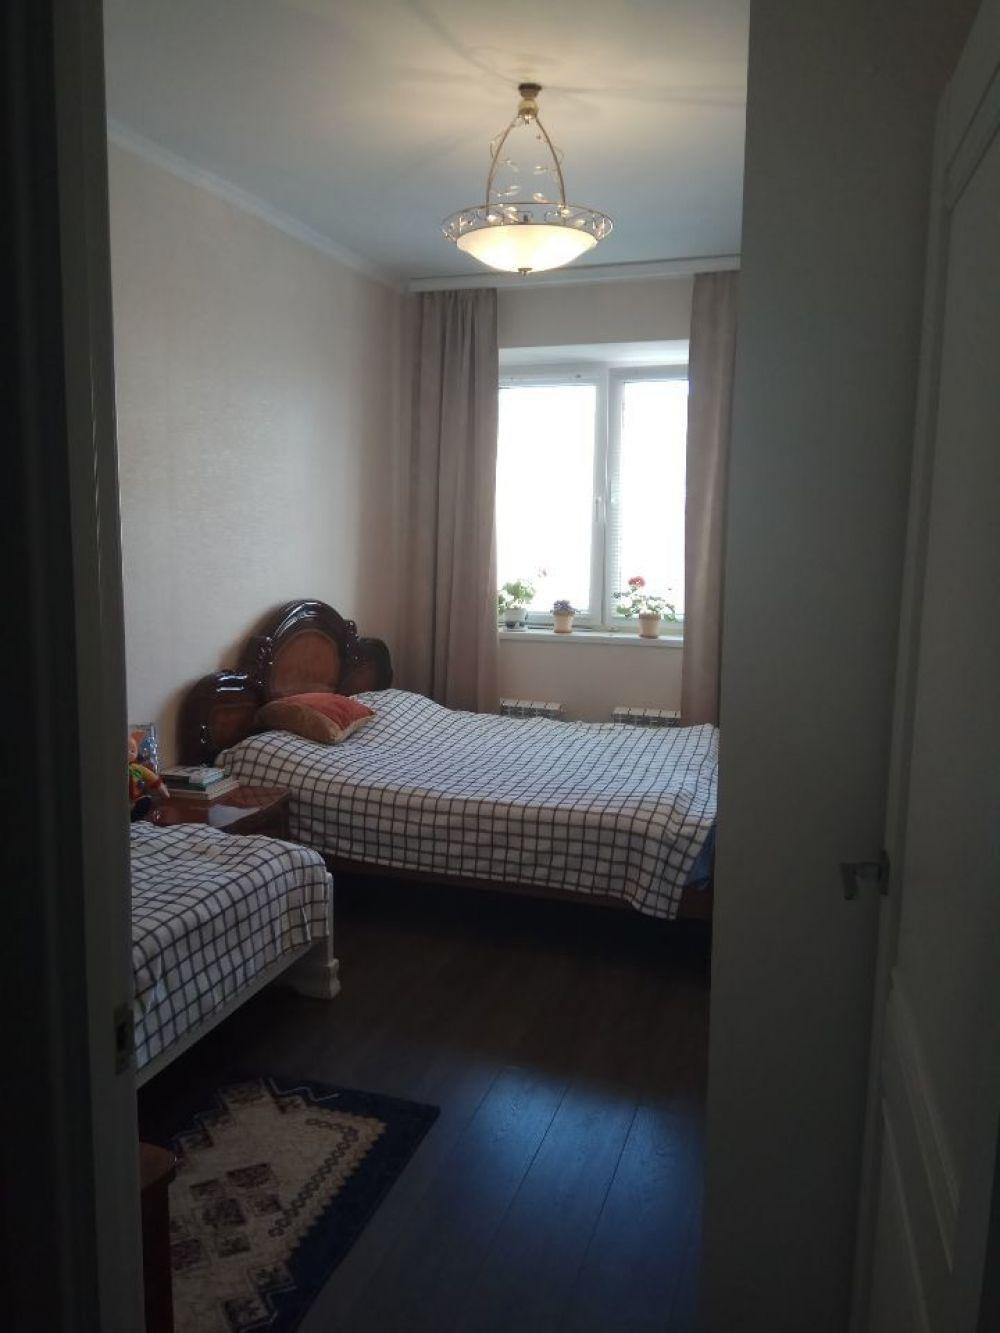 Двухкомнатная квартира, 53 м2, Богородский д.1, г. Щелково, фото 12